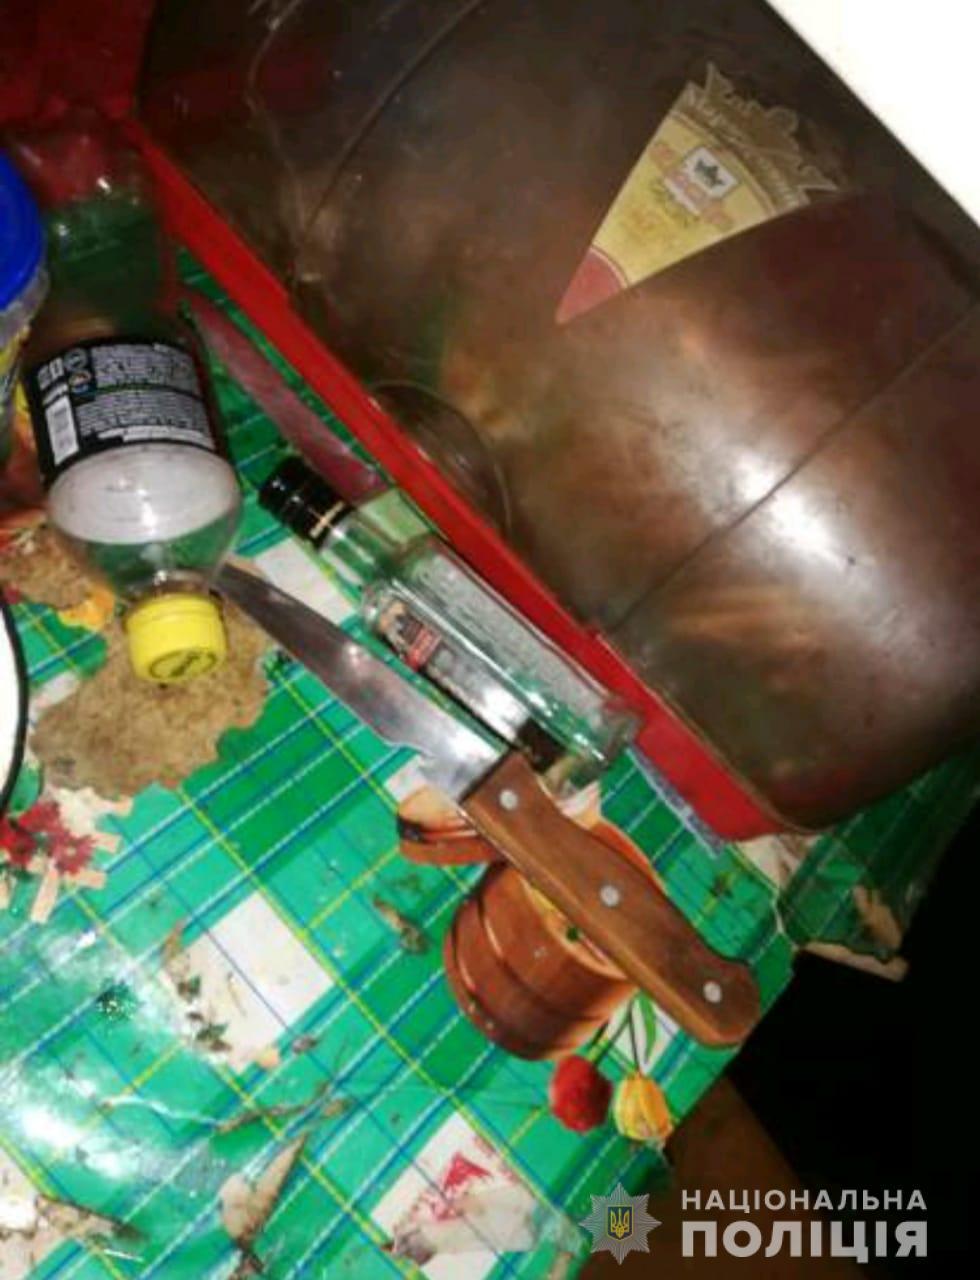 3 удара ножом в грудь: мужчина жестоко зарезал гостя. Новости Днепра